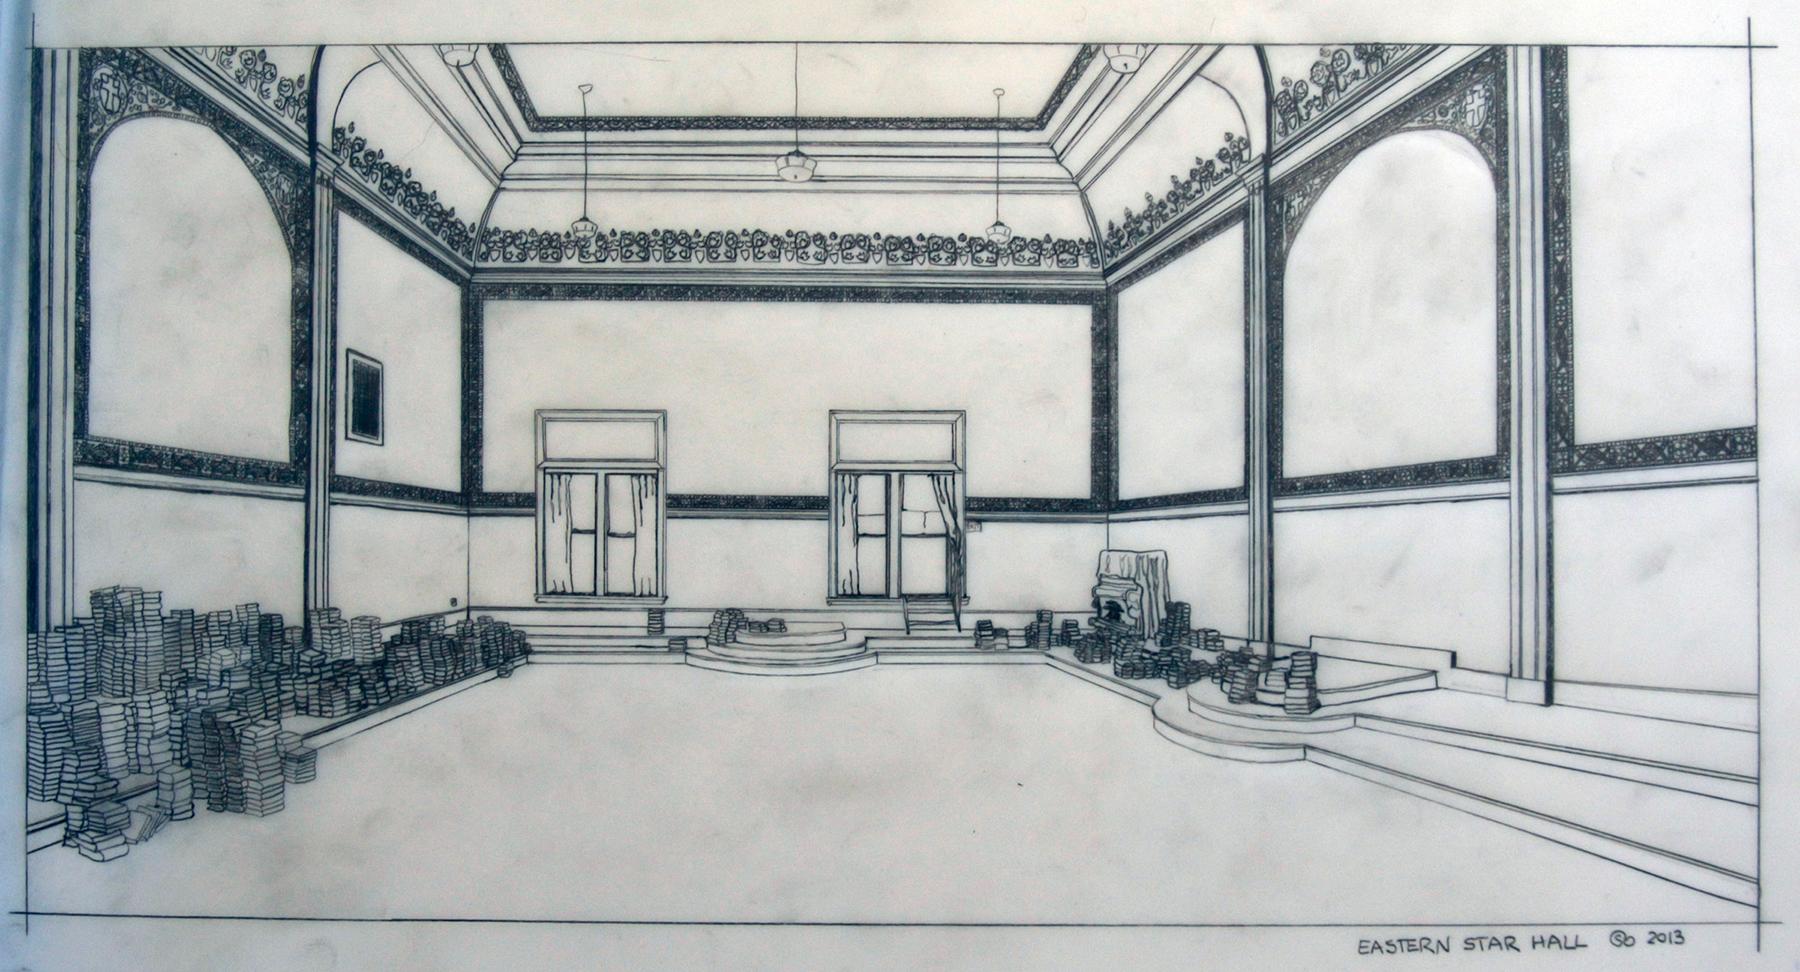 Eastern Star Hall Sketch